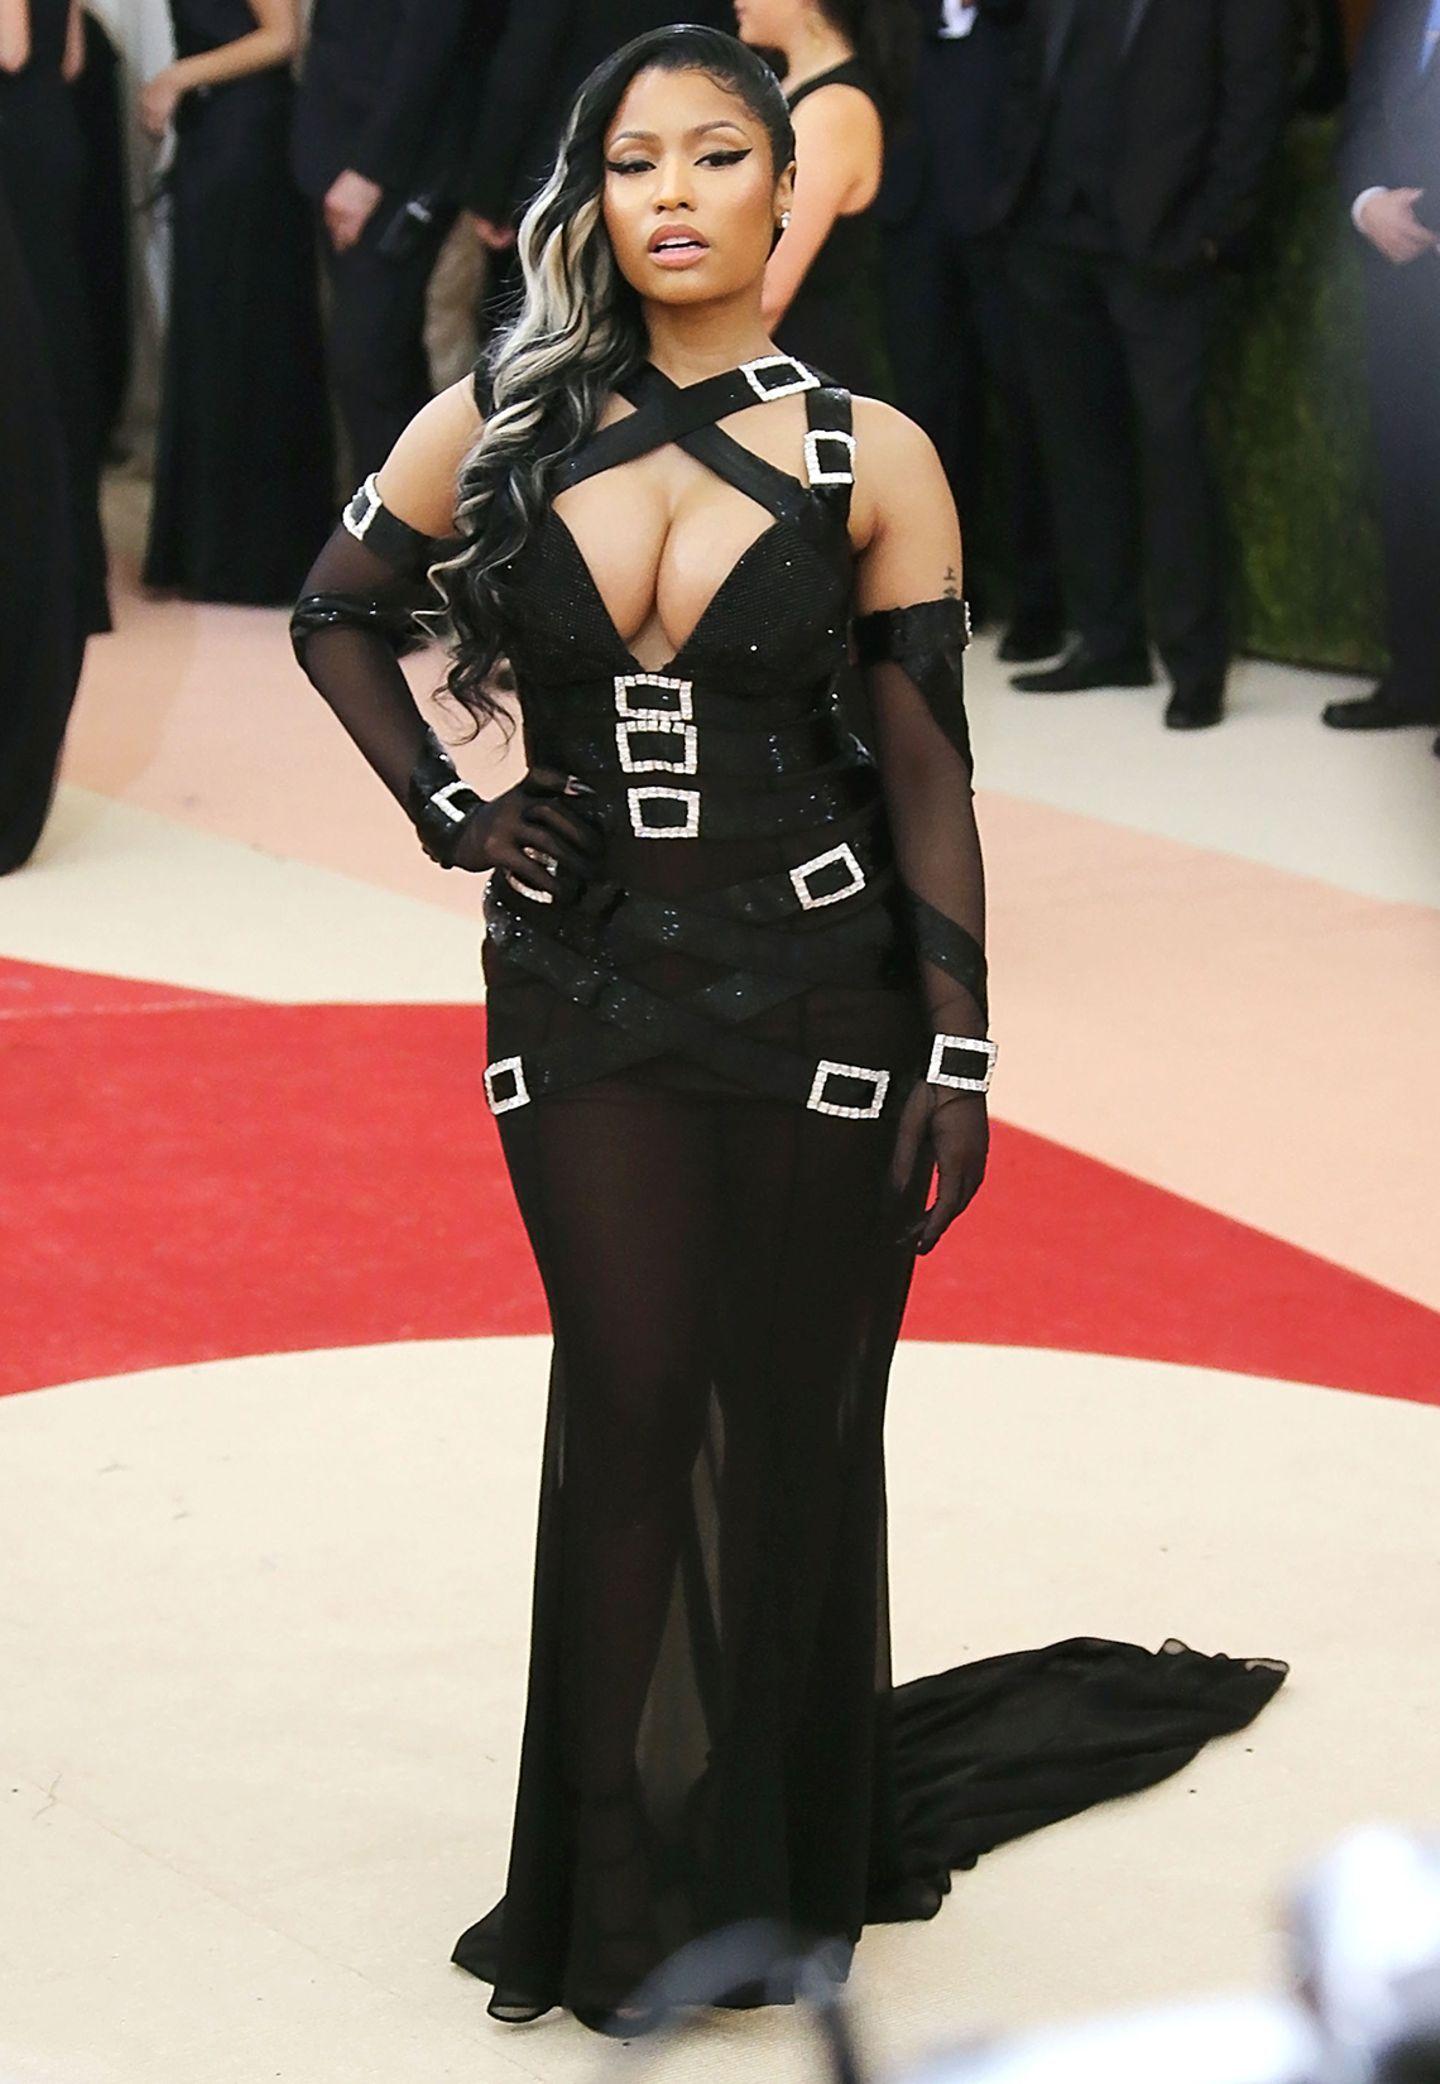 Gut, von Nicki Minaj haben wir keinen eleganten Look erwartet. Das Schnallen-Desaster von Moschino hätte sie allerdings wirklich im Schrank lassen dürfen.